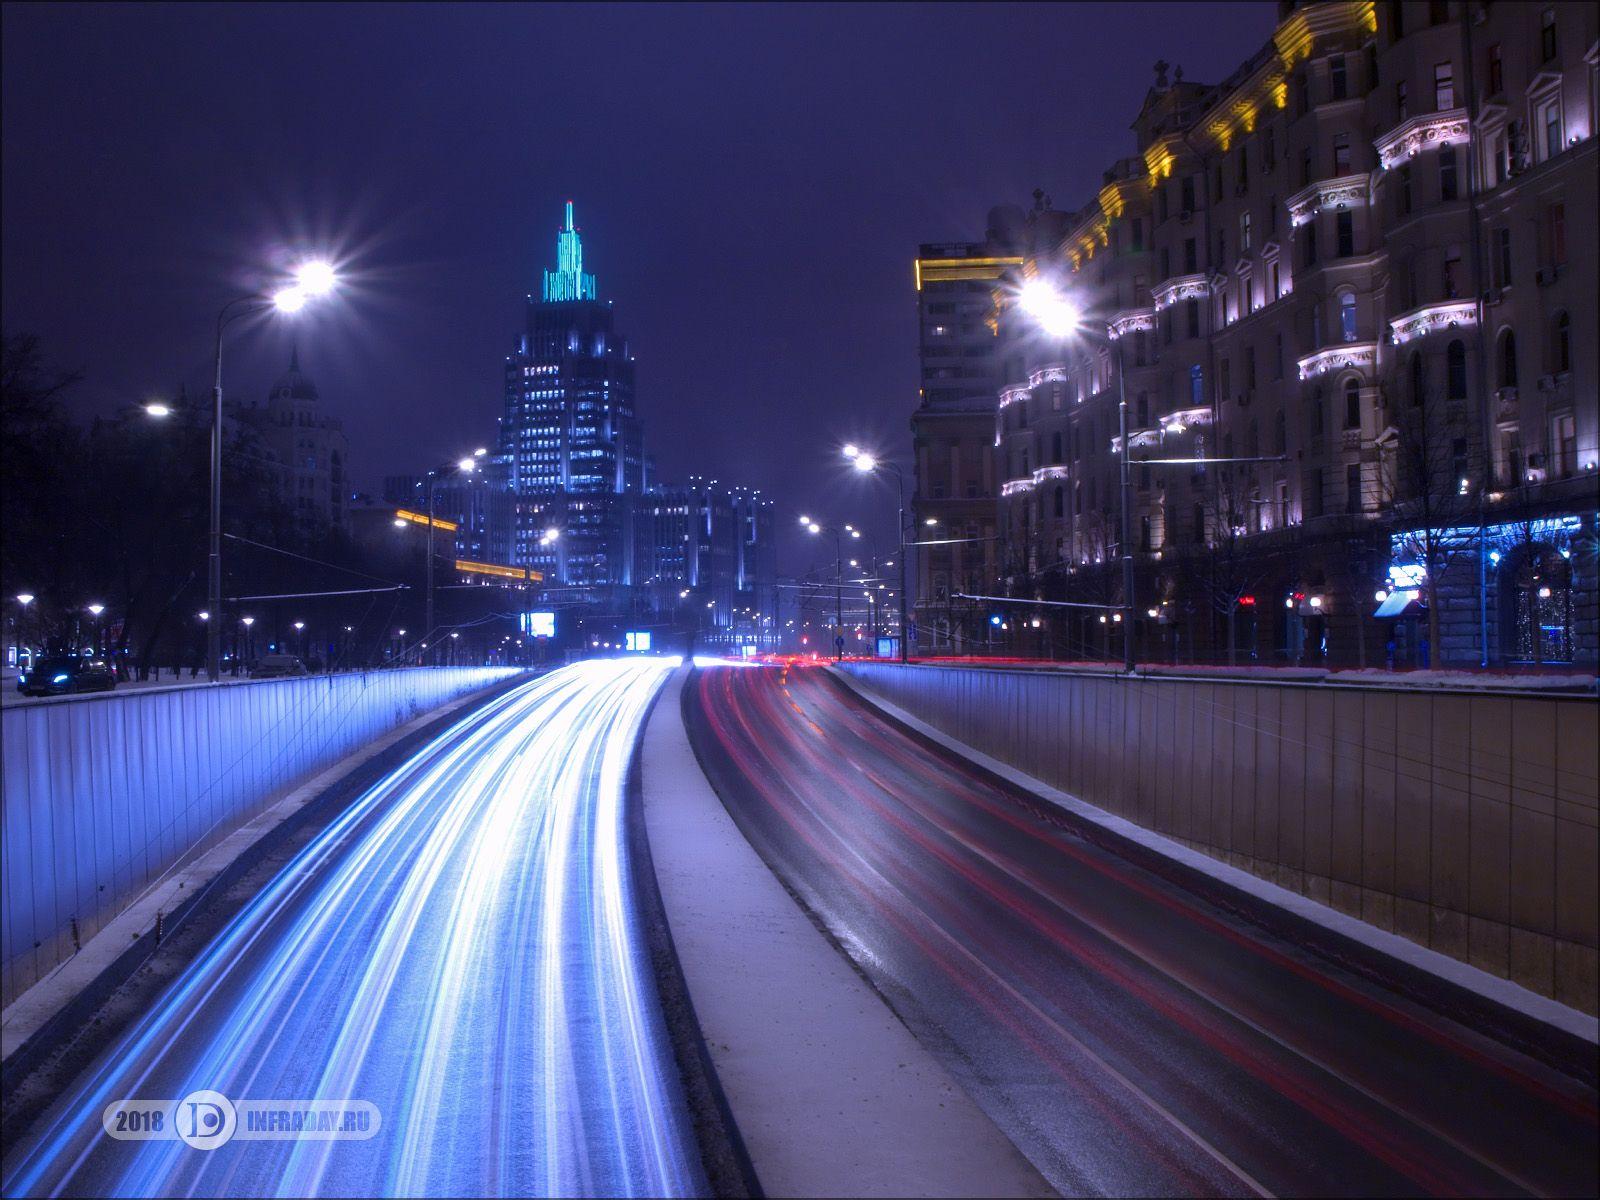 Вены-реки ночного города. Город дышит, город живёт! ночь штатив выдержка город фиоллентоваяночнушка